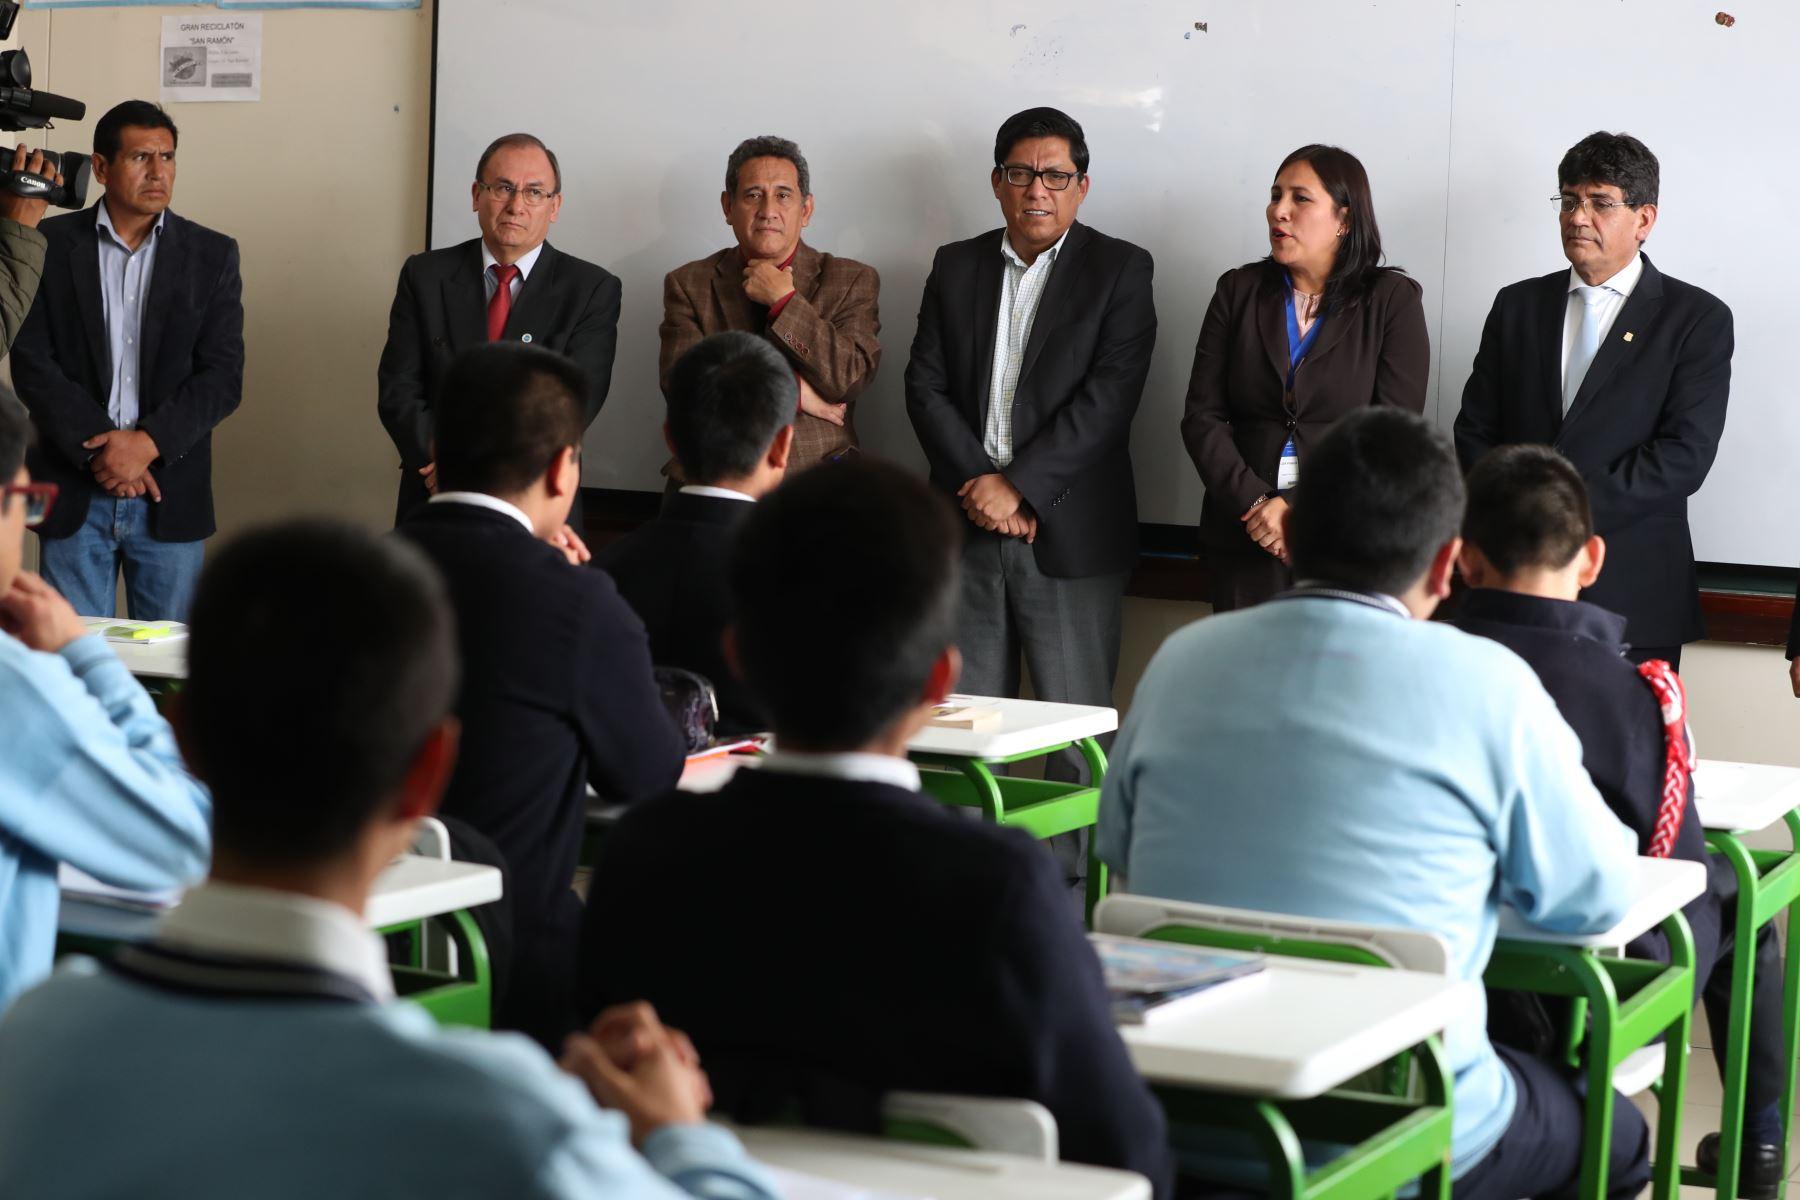 El presidente del Consejo de Ministros Vicente Zeballos, visitó la institución educativa San Ramón de Cajamarca, donde dialogó con estudiantes acompañado por la ministra de Educación, Flor Pablo Medina.Foto:ANDINA/PCM